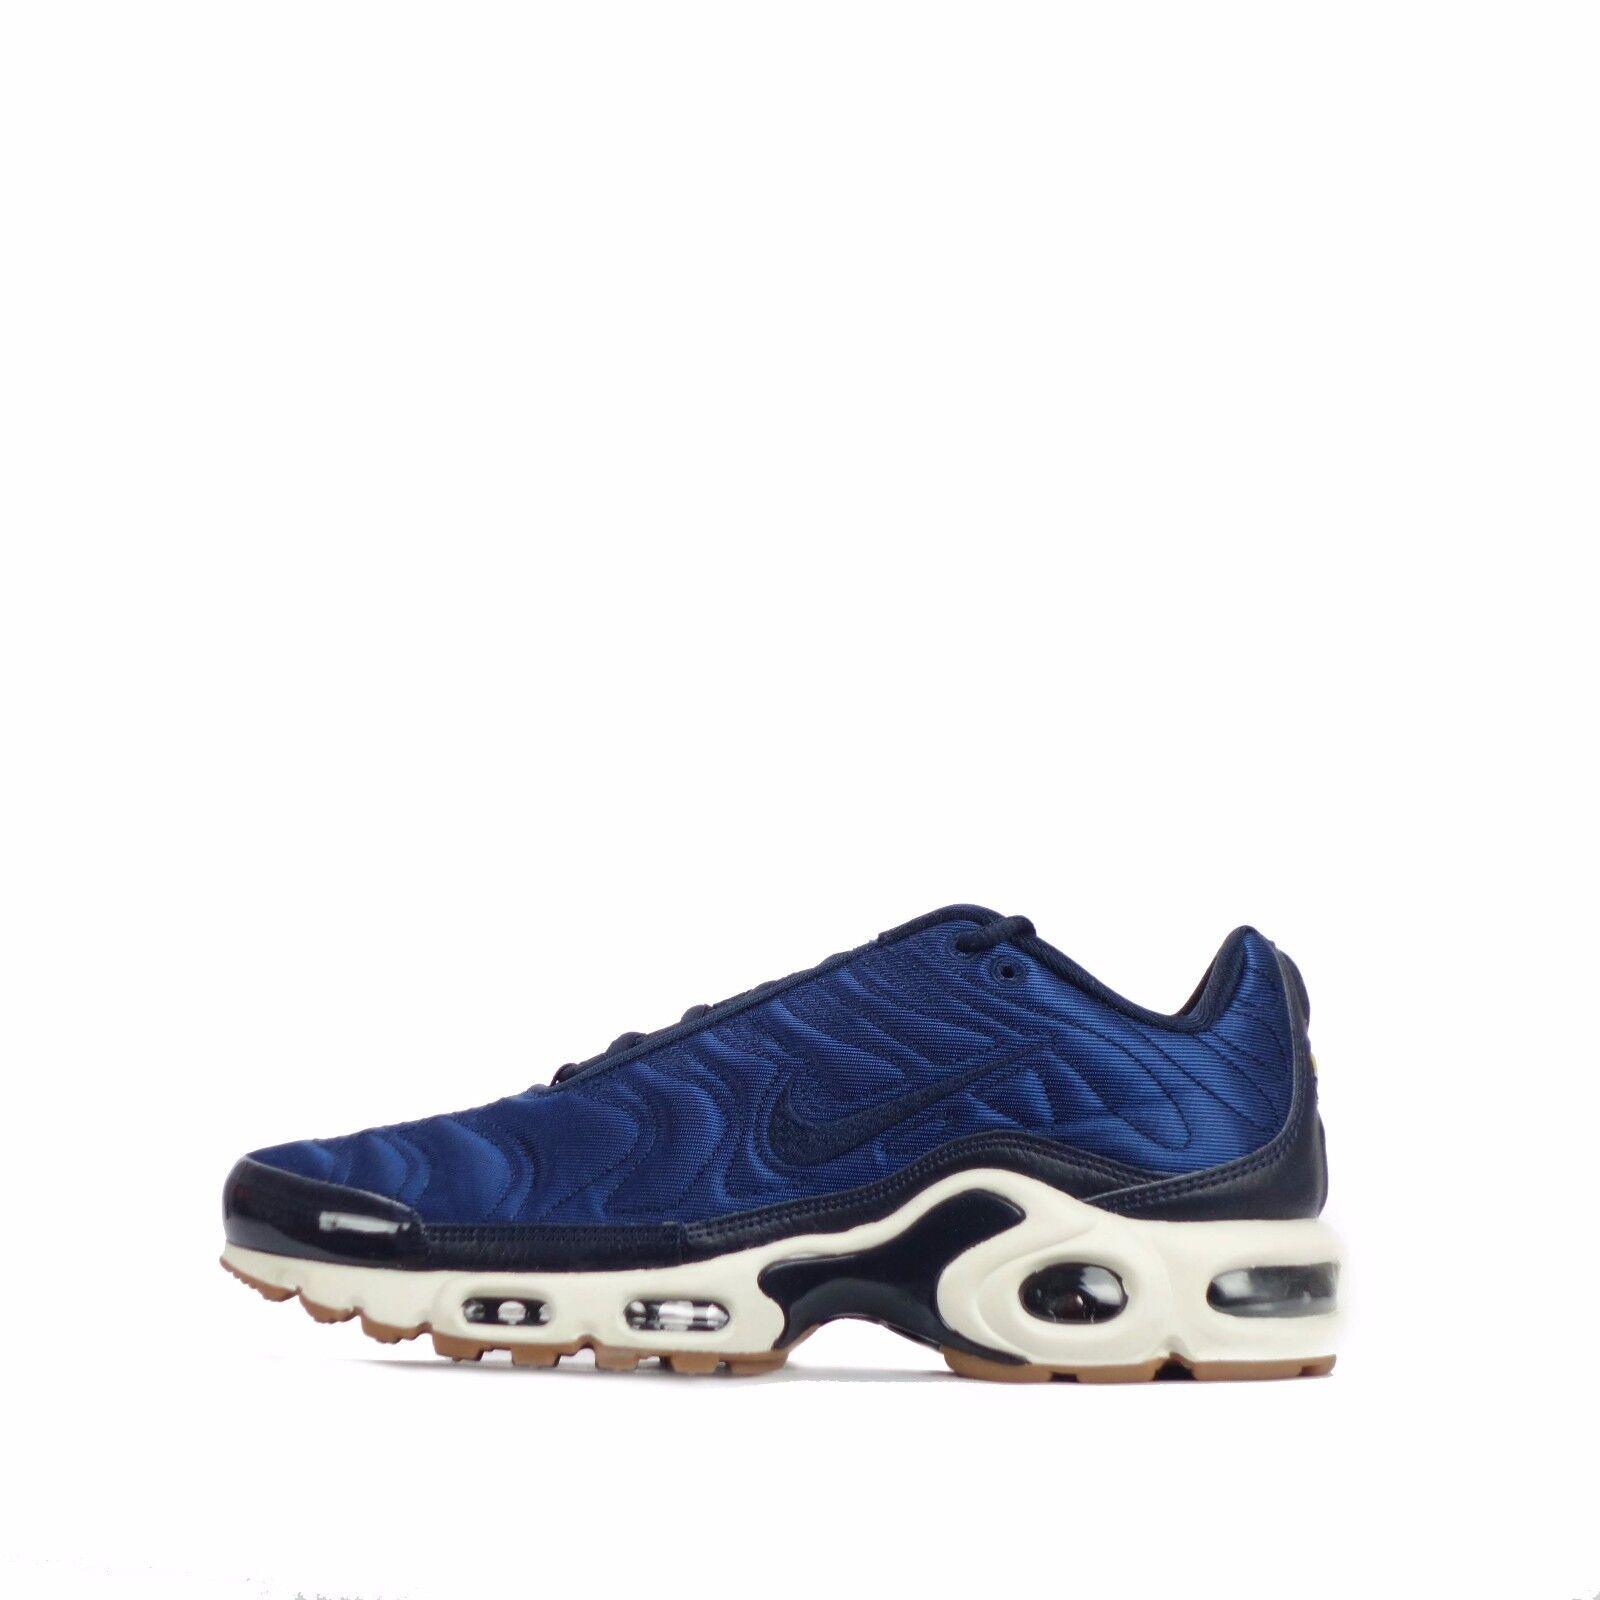 Nike air max   premio tn sintonizzati quilted scarpe da donna ossidiana   ossidiana | Meno Costosi Di  | Uomini/Donne Scarpa